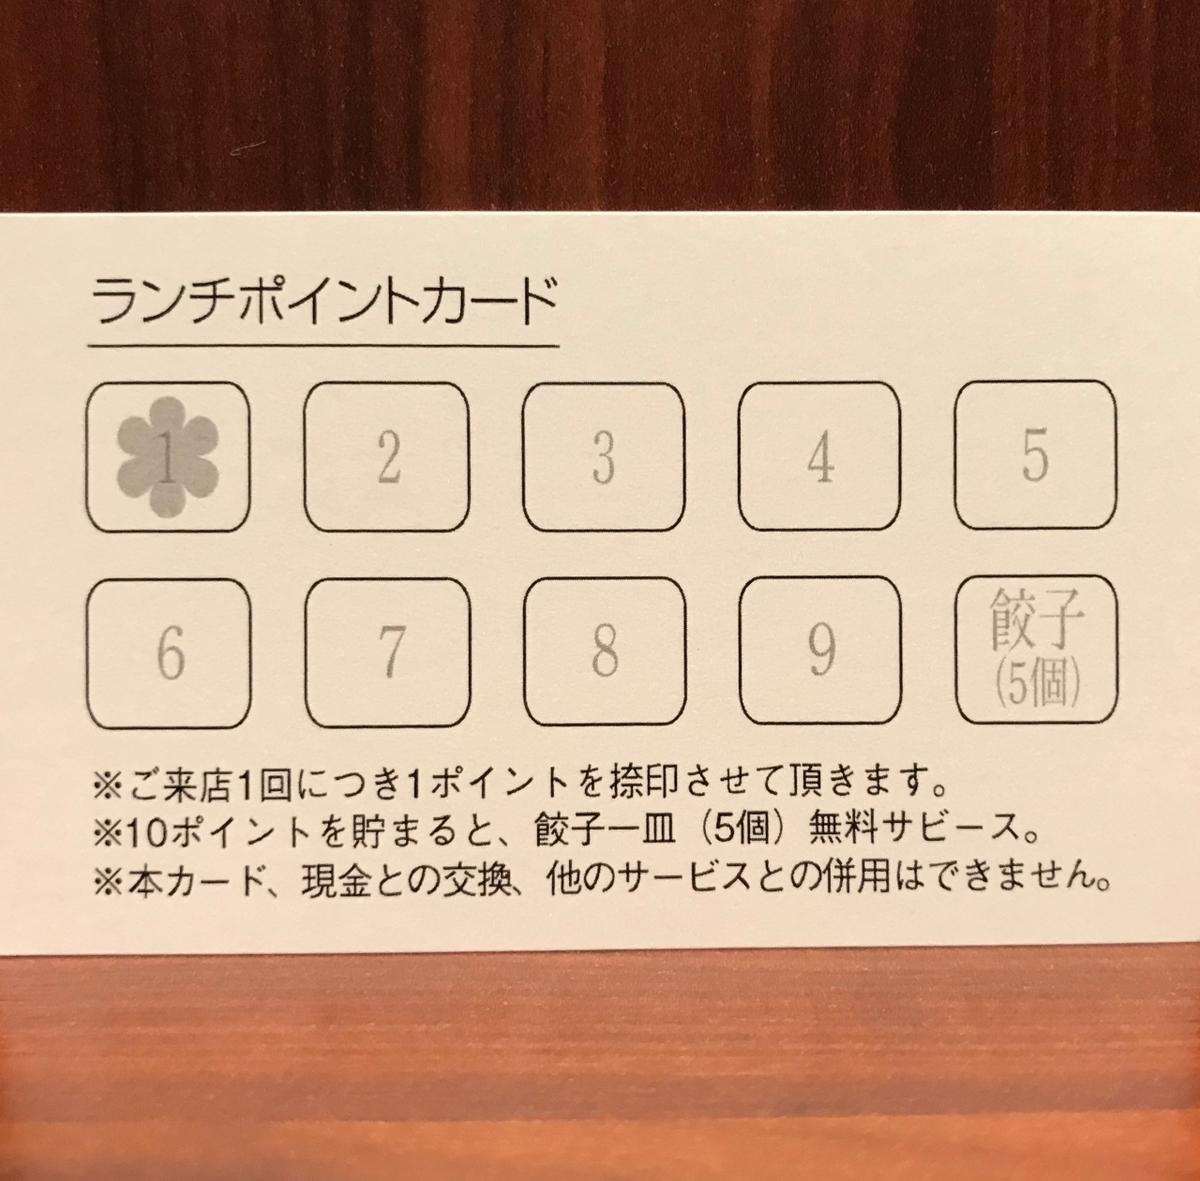 [午餐积分卡]如果你让我去★★饺子服务